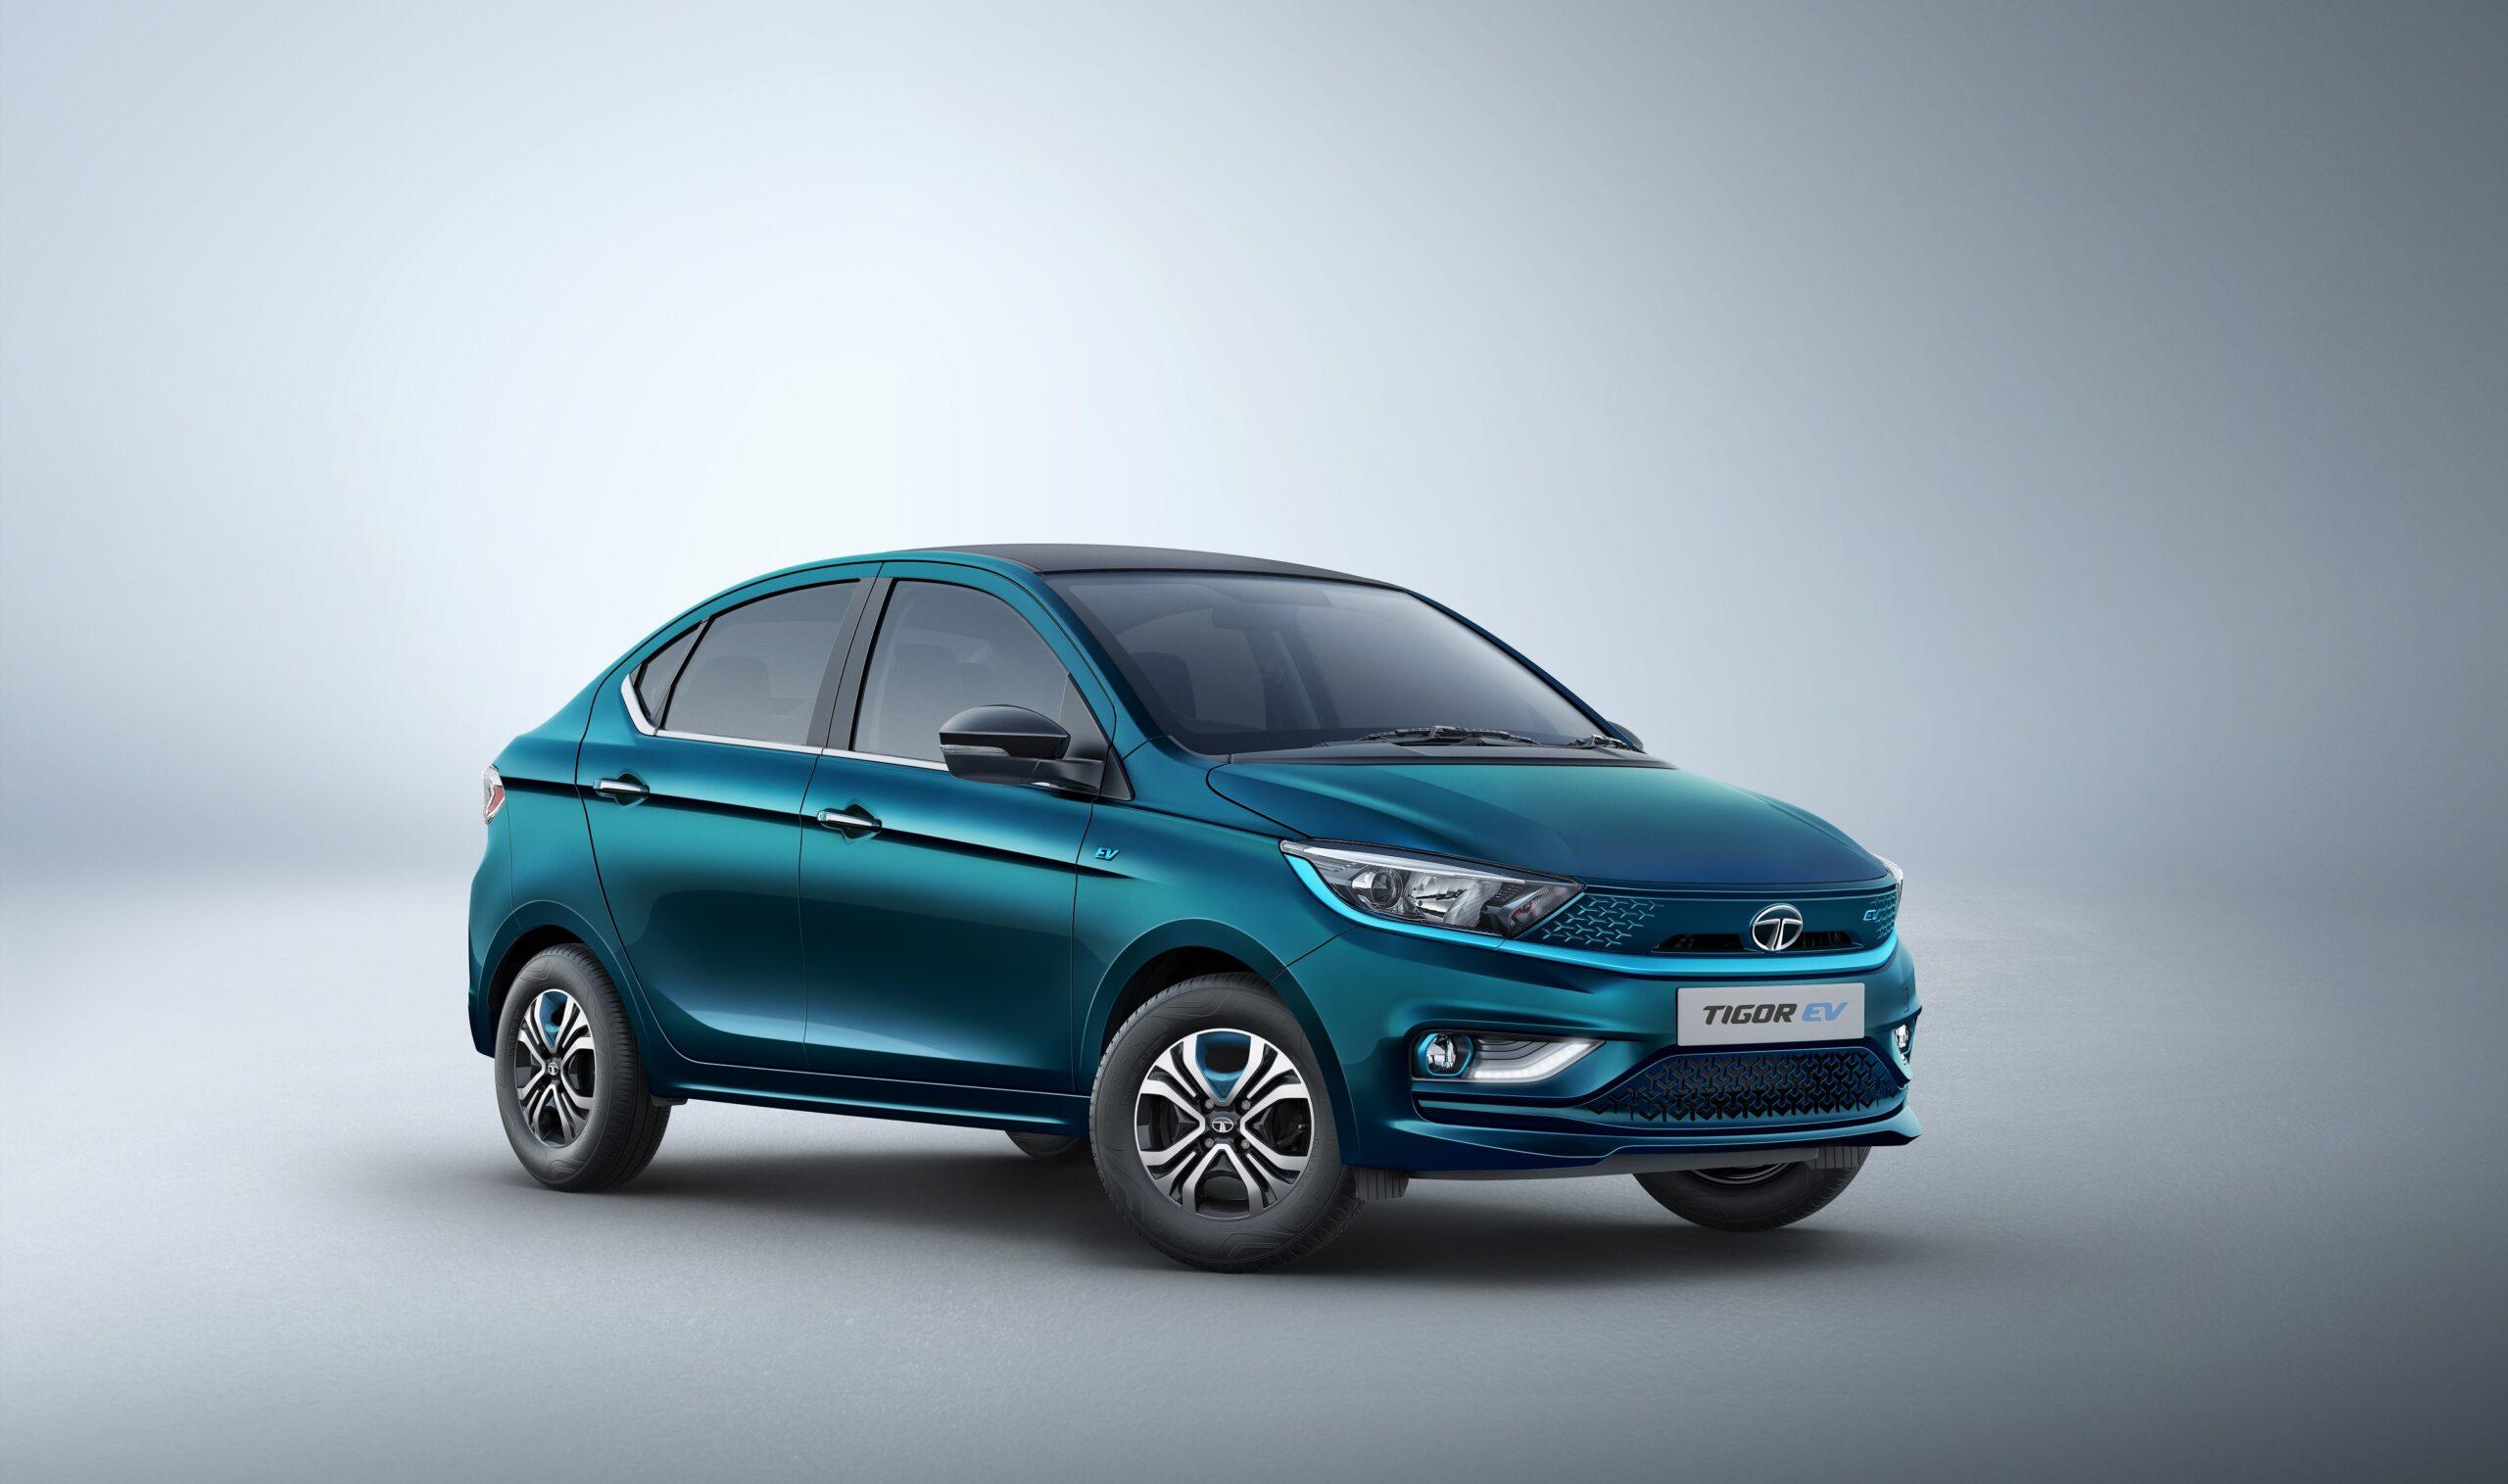 Tata Motors unveils its new Tigor